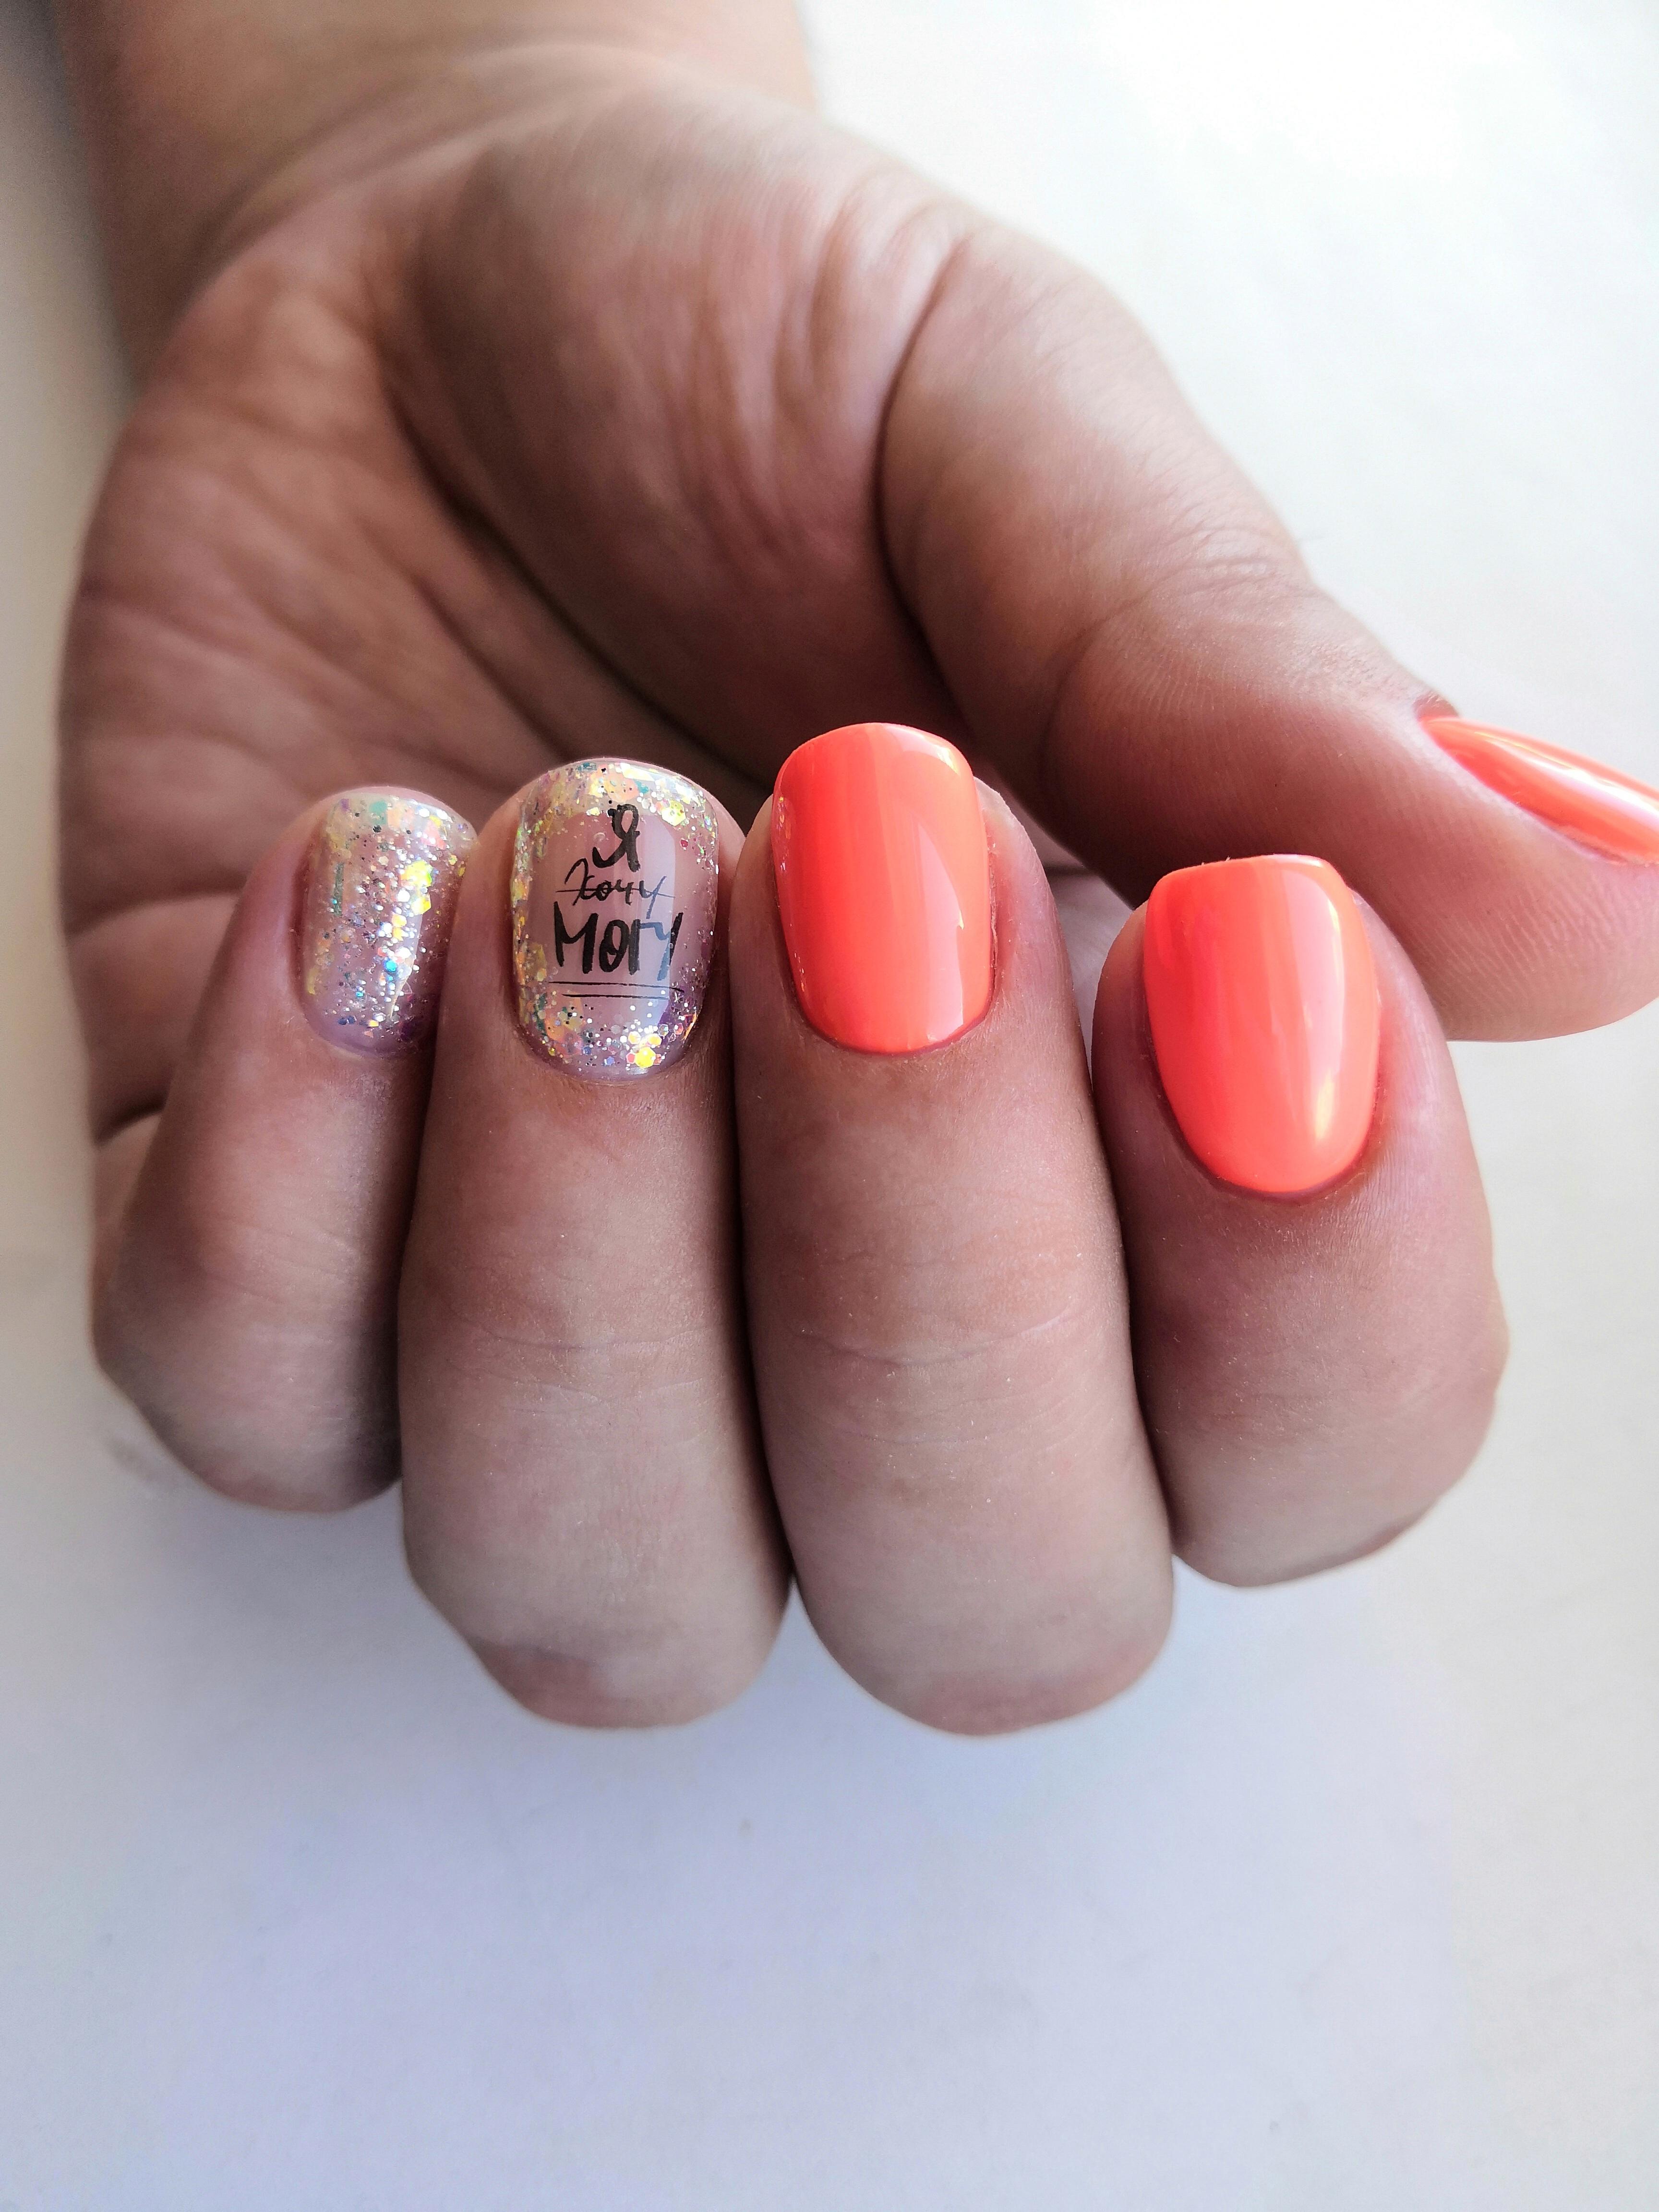 Маникюр с надписями и блестками в оранжевом цвете.